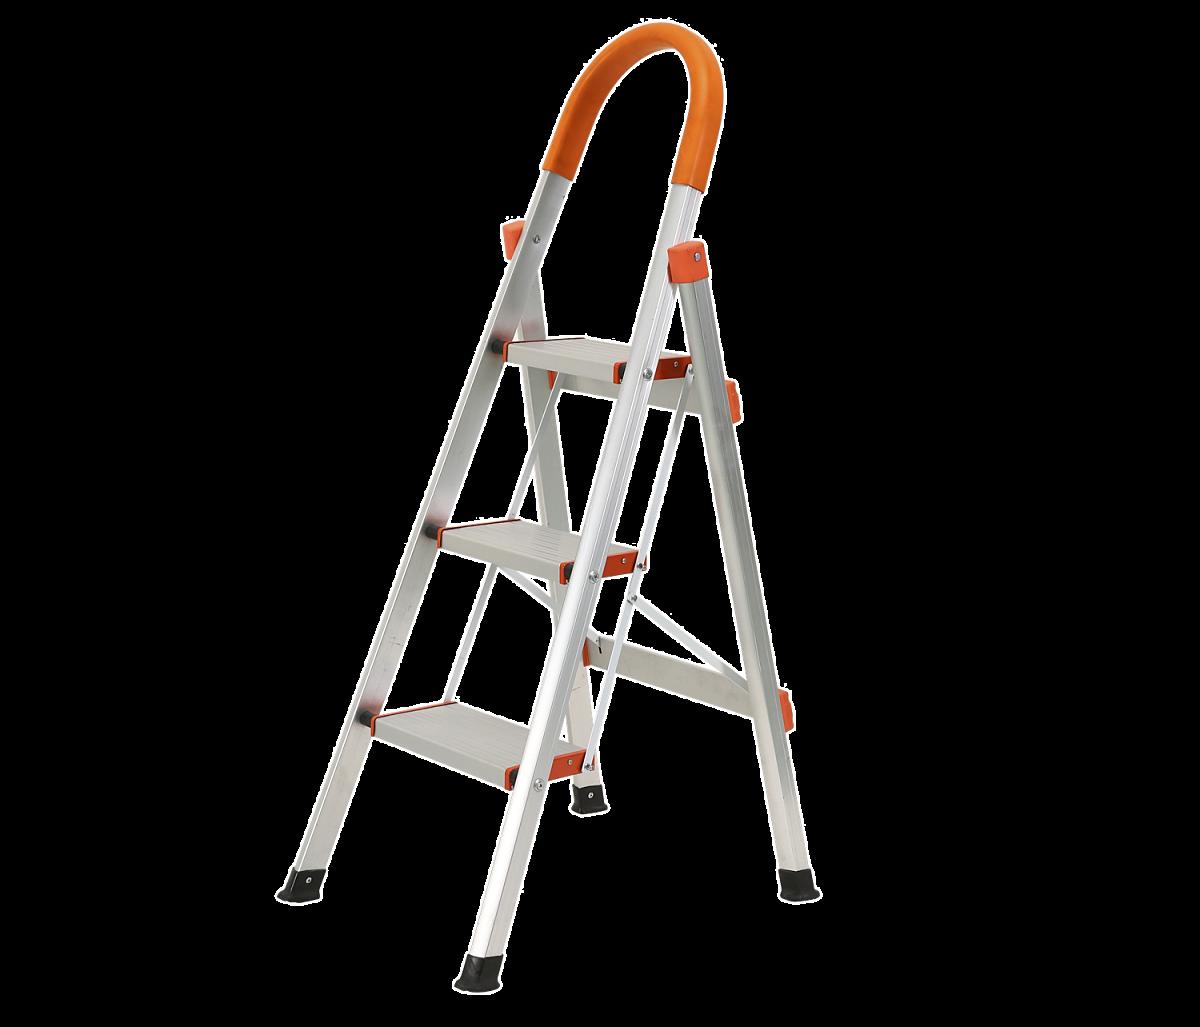 Thang nhôm gấp Kachi MK-148 xuất xứ Trung Quốc, gồm 3 bậc, phù hợp sử dụng cho gia đình, văn phòng hay công trình. Thang nặng 3,1 kg và chịu được tải trọng đến 150 kg. Mỗi bậc thang rộng 14 x 26 cm, đặt được toàn bàn chân. Khoảng cách giữa mỗi bậc thang là 25 cm, mang lại cảm giác thoải mái khi bước lên. Chân thang có đệm cao su chống trượt, trầy xước nền nhà. Phần tay vịn được bọc nhựa tránh trơn trượt. Ngoài công dụng chính dùng để trèo lên cao thì thang còn có thể làm vật trang trí, bày đồ phía trên. Sản phẩm đang được bán với giá 799.000 đồng.